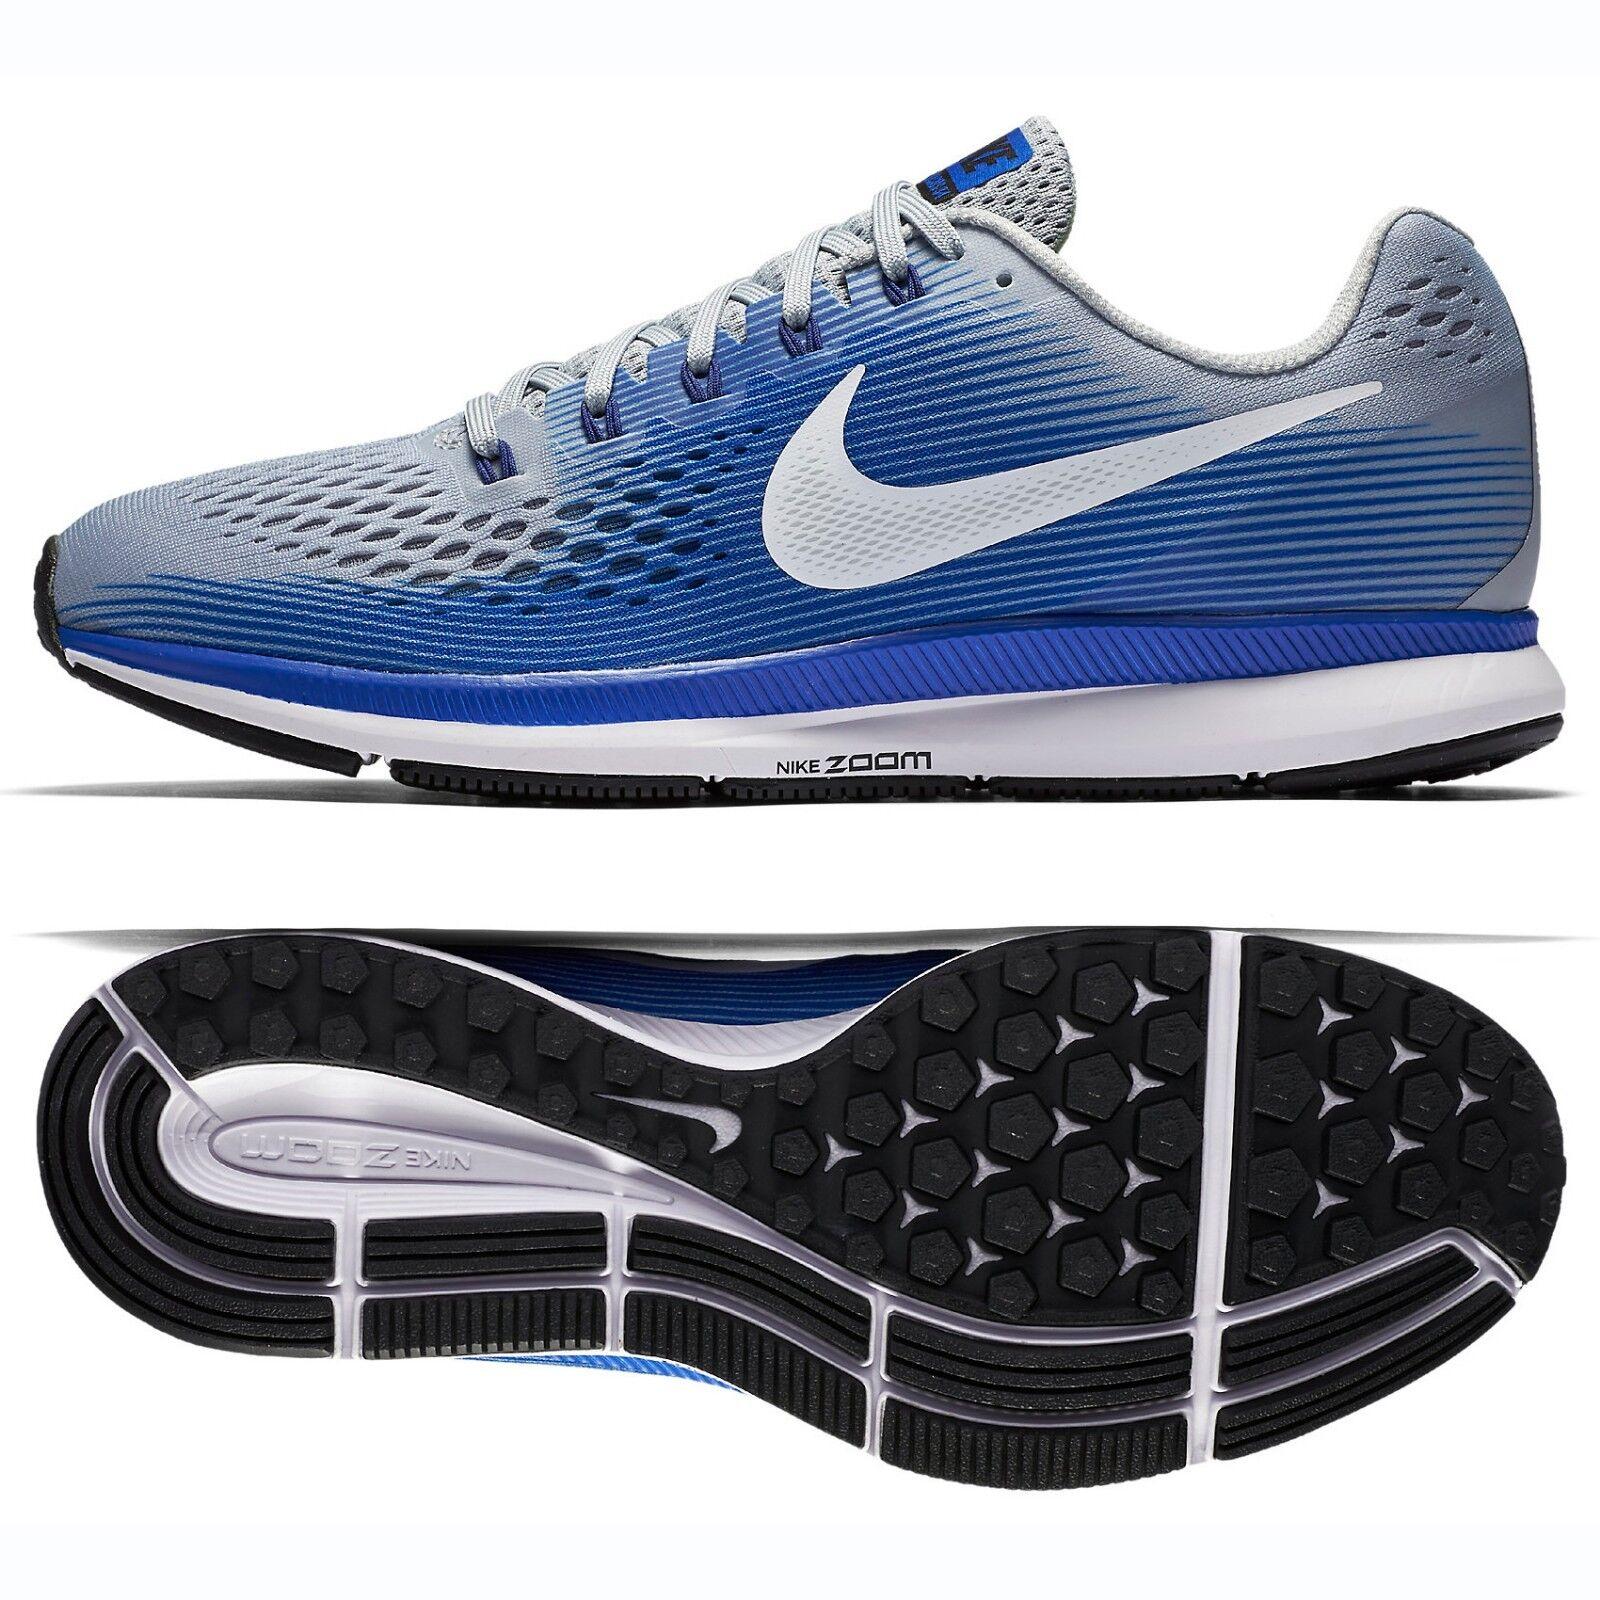 Nike Air Zoom Pegasus 34 880555-007 Grey/White/Blue Men's Running Shoes Sz 10.5